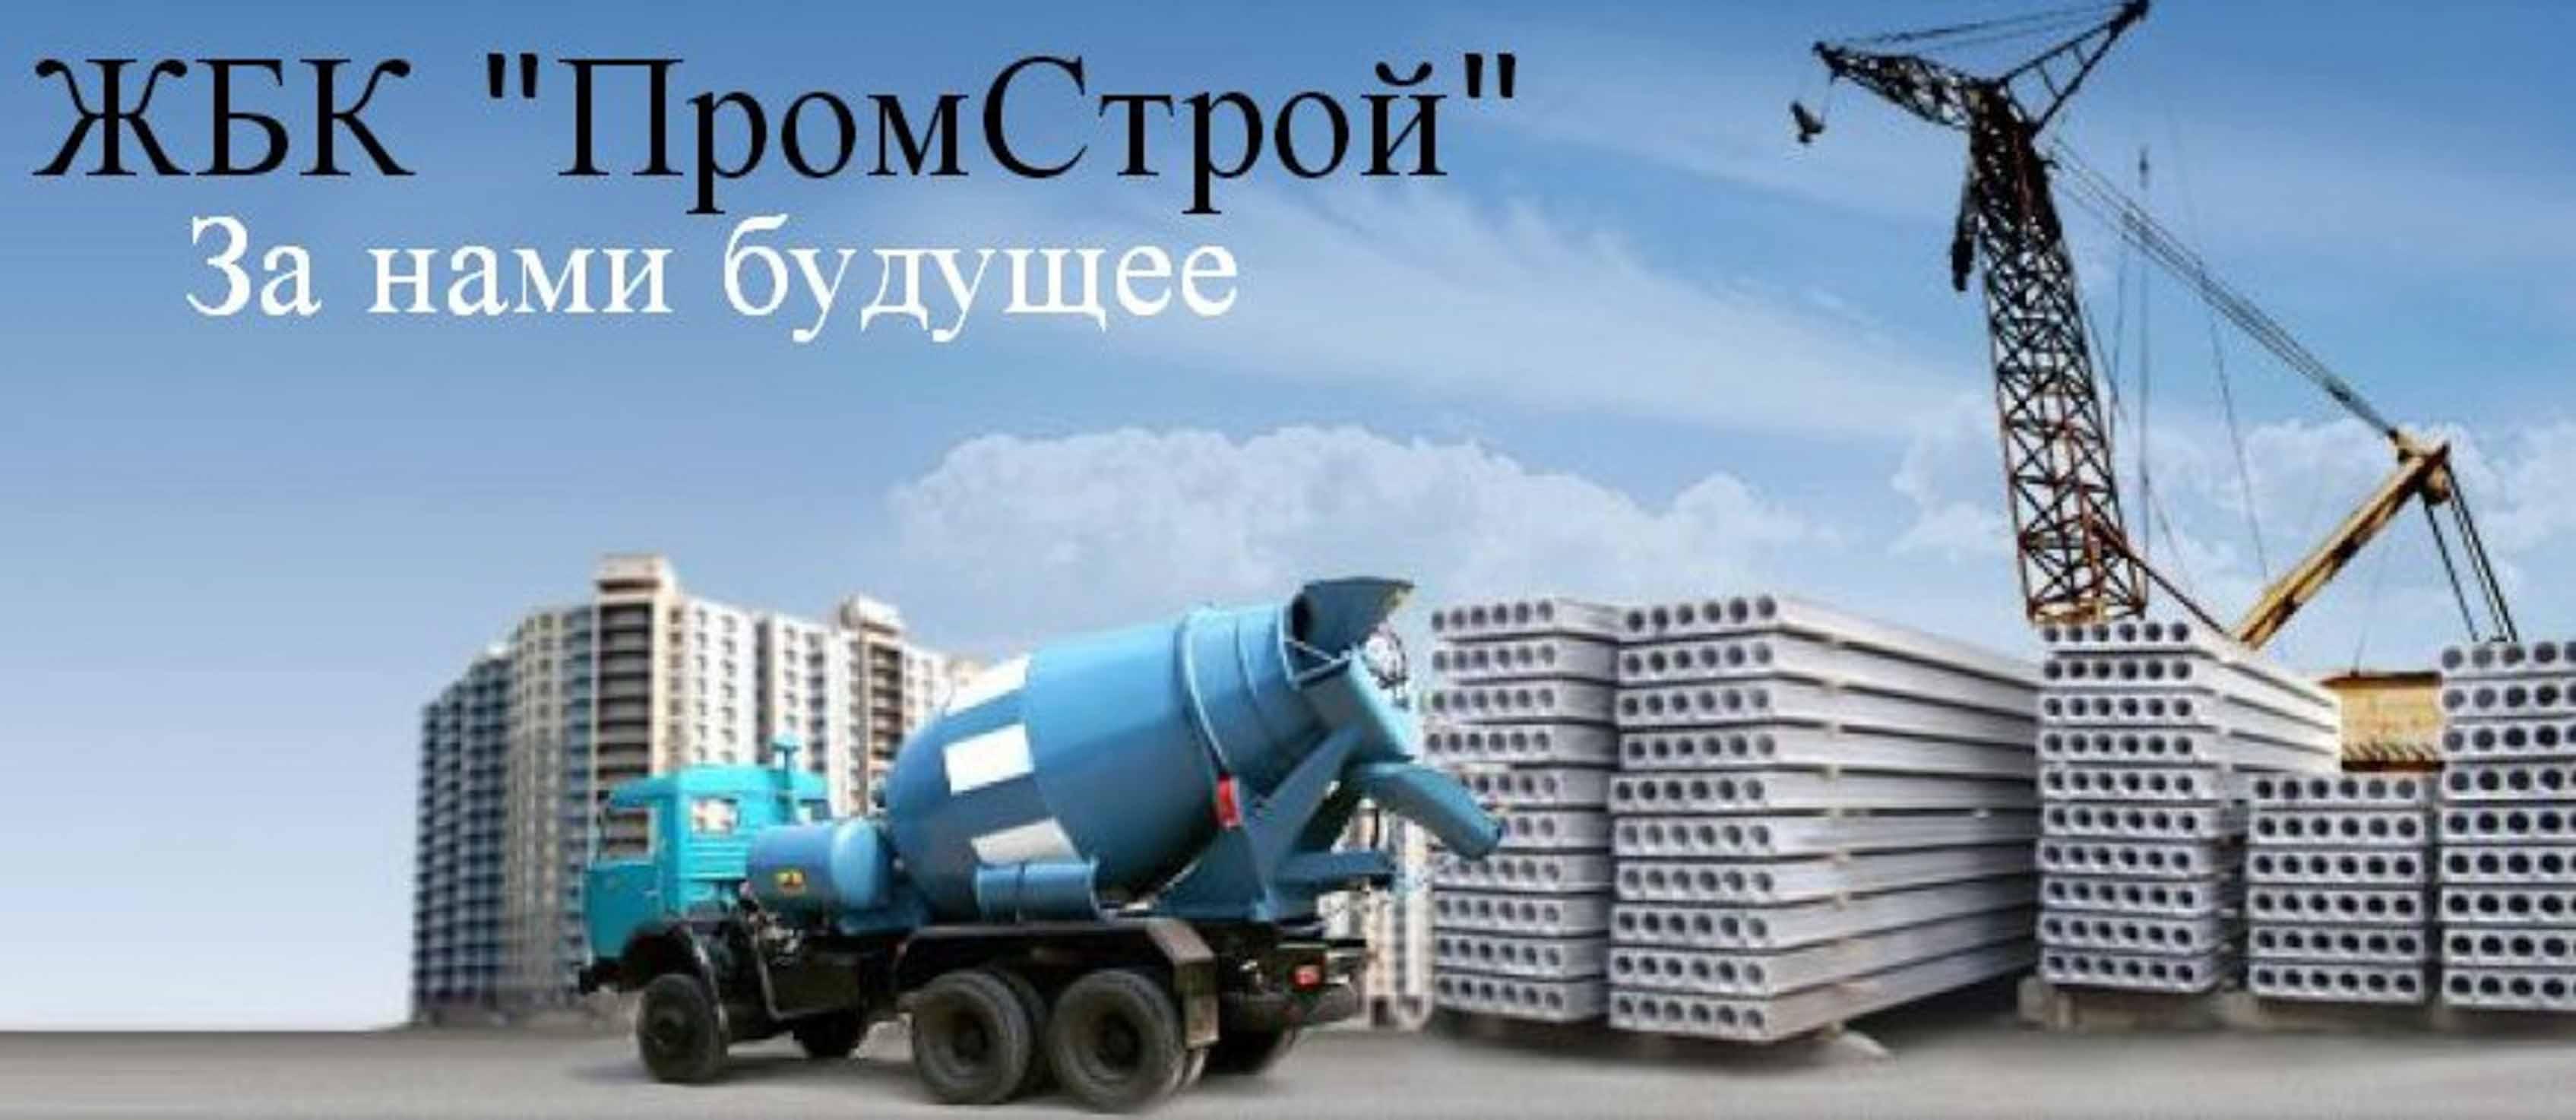 Доставка бетона от производителя в Харькову Компания ЖБК ПромСтрой я фото 1